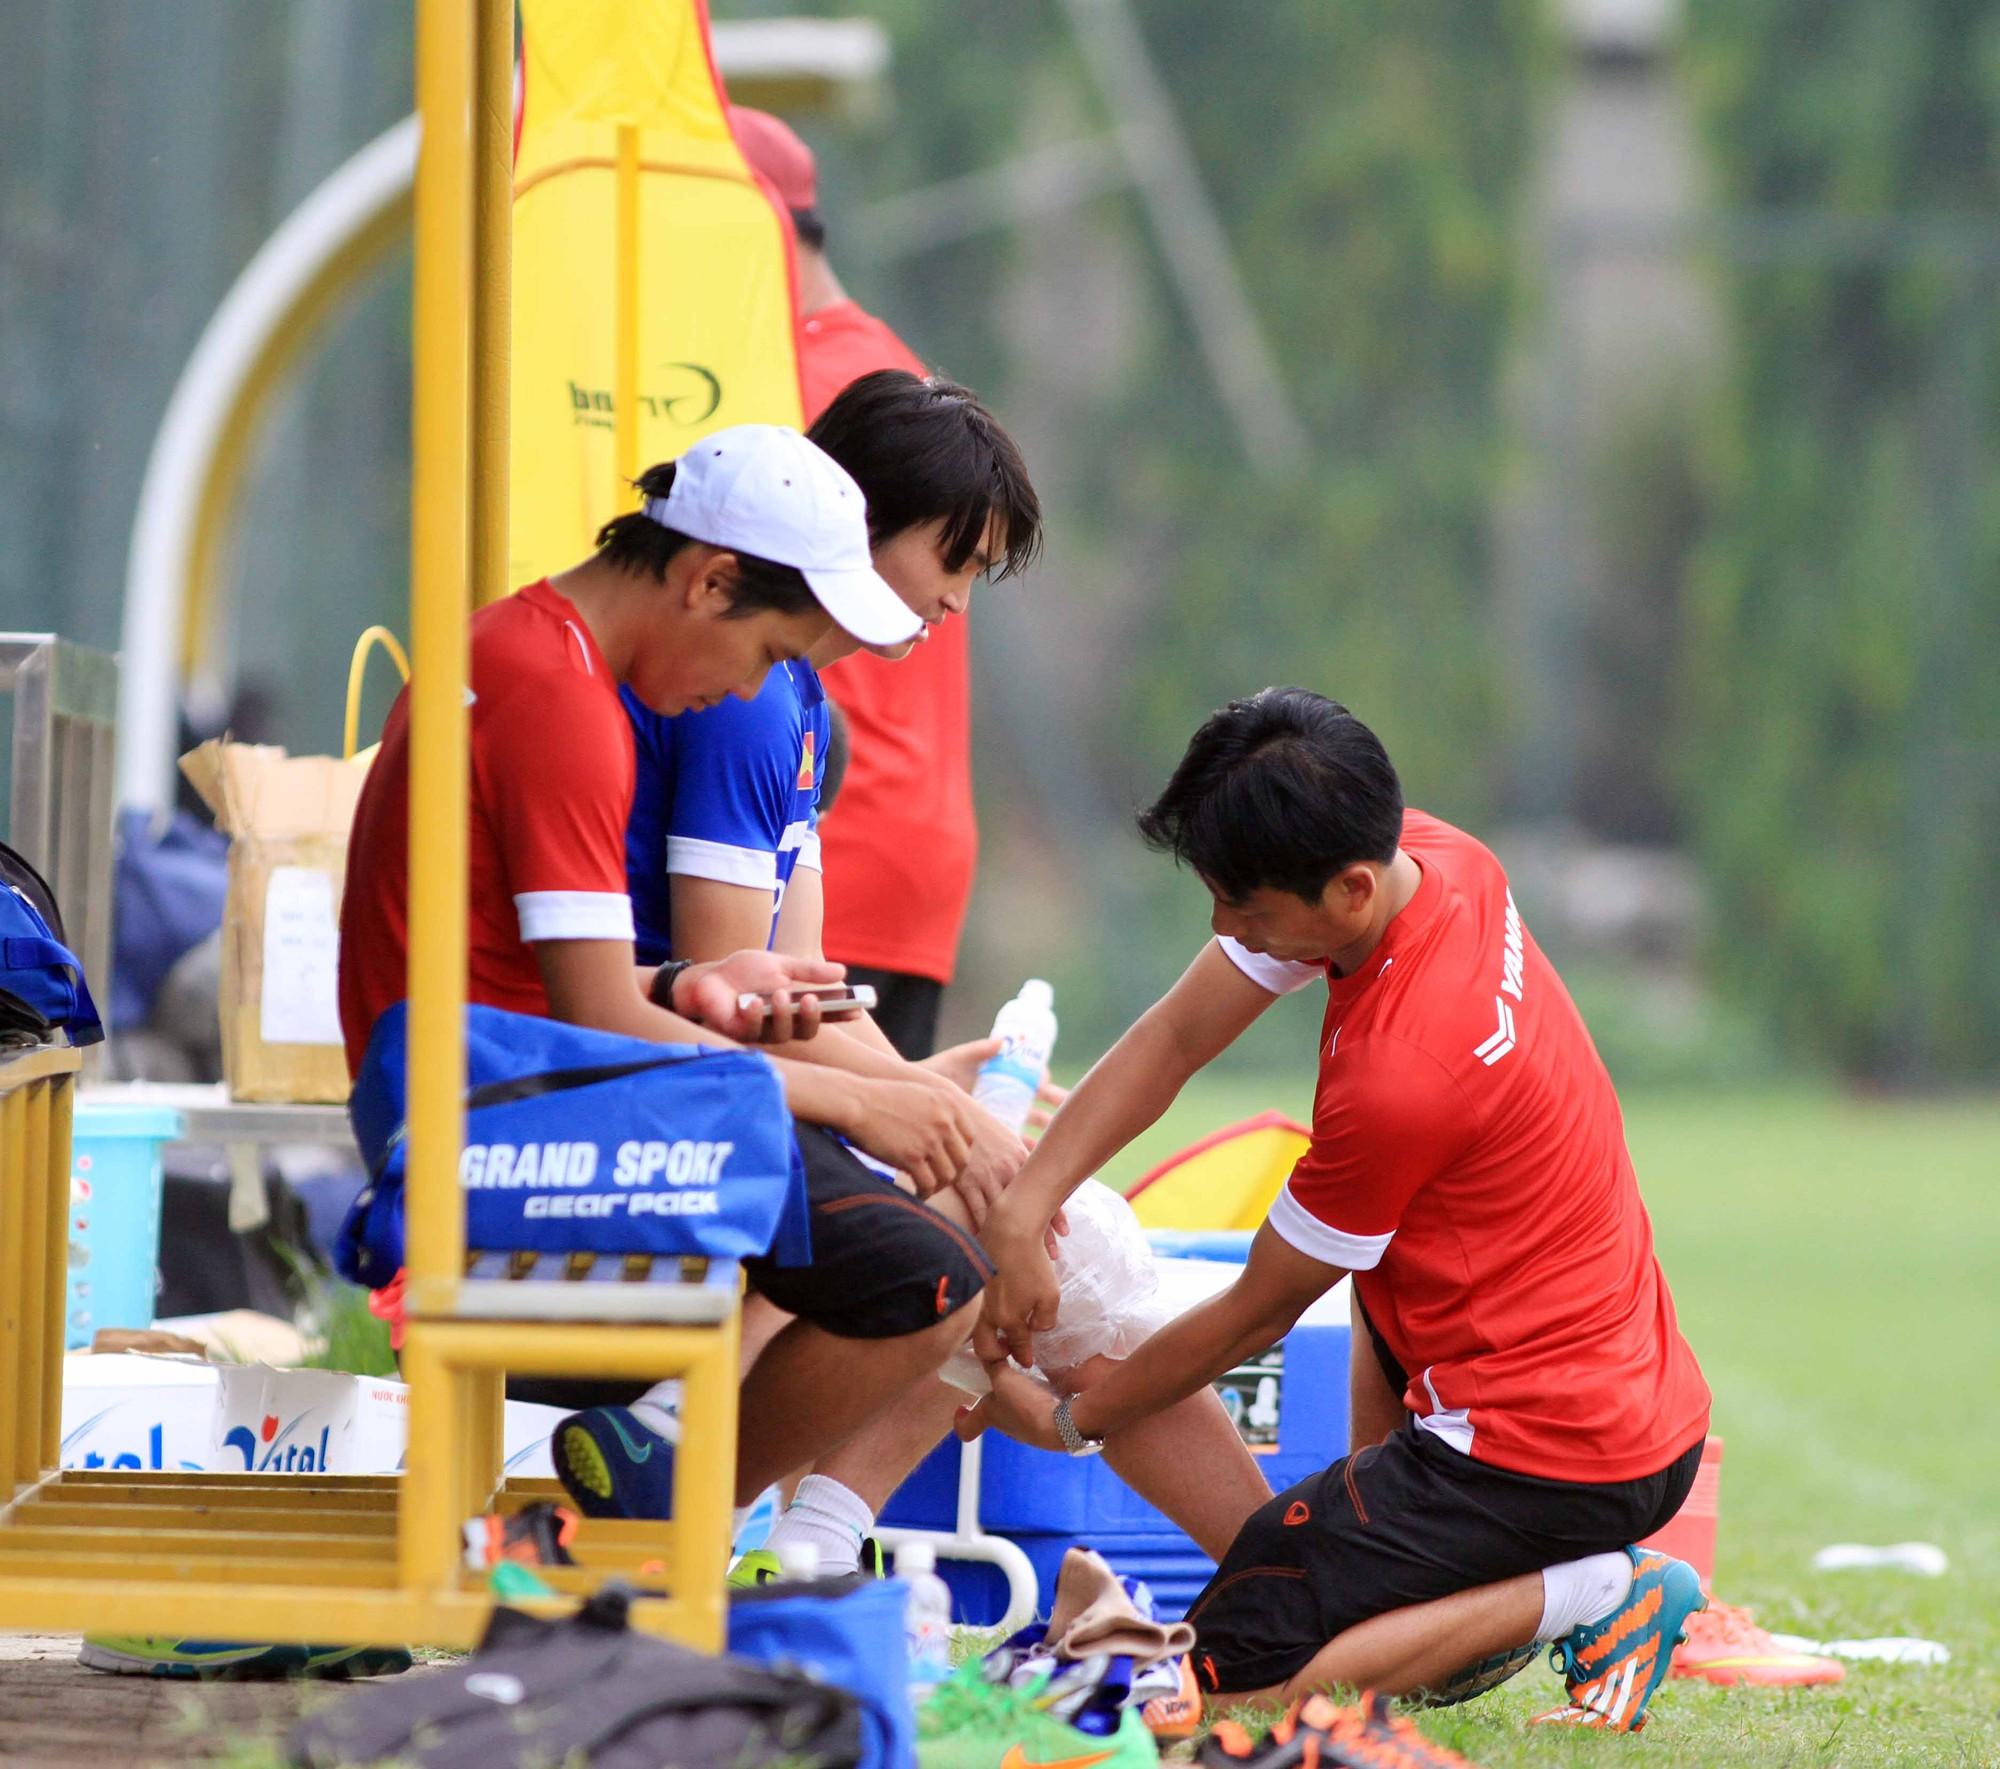 Bác sỹ Nguyễn Trọng Thùy (ngồi) dùng đá để chườm cho cầu thủ